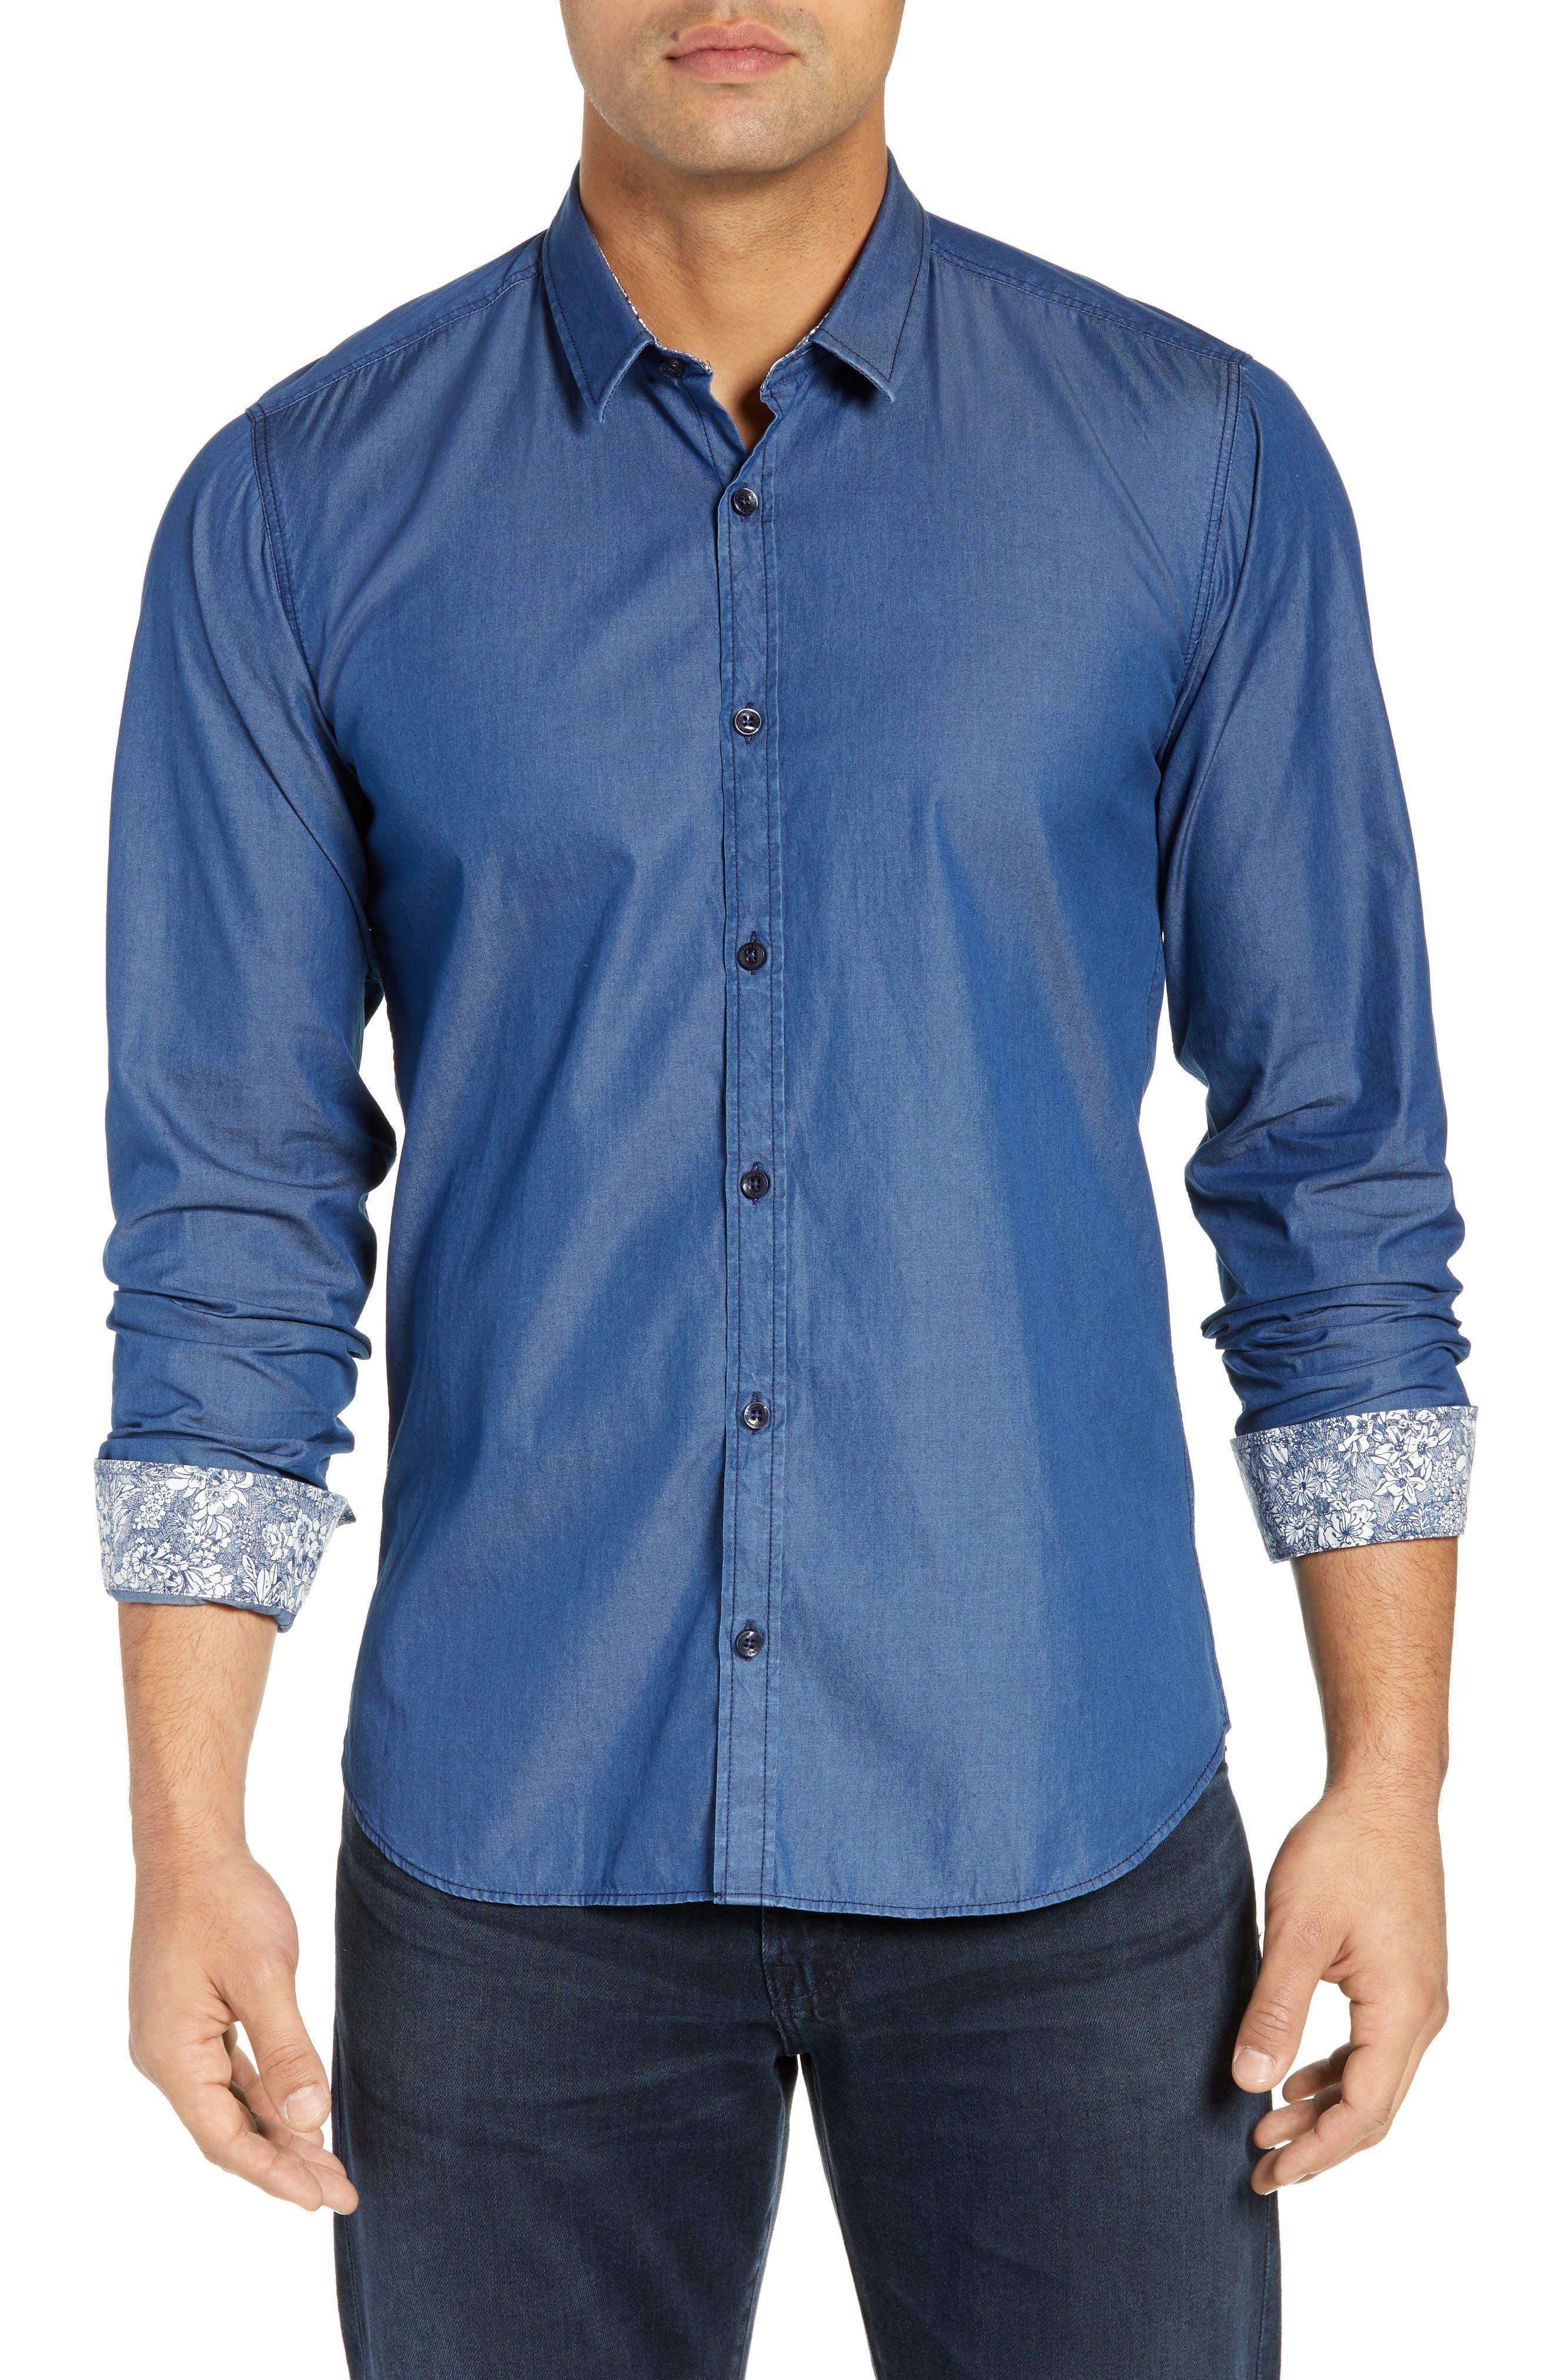 JARED LANG, Slim Fit Chambray Sport Shirt, Main thumbnail 1, color, CHAMBRAY